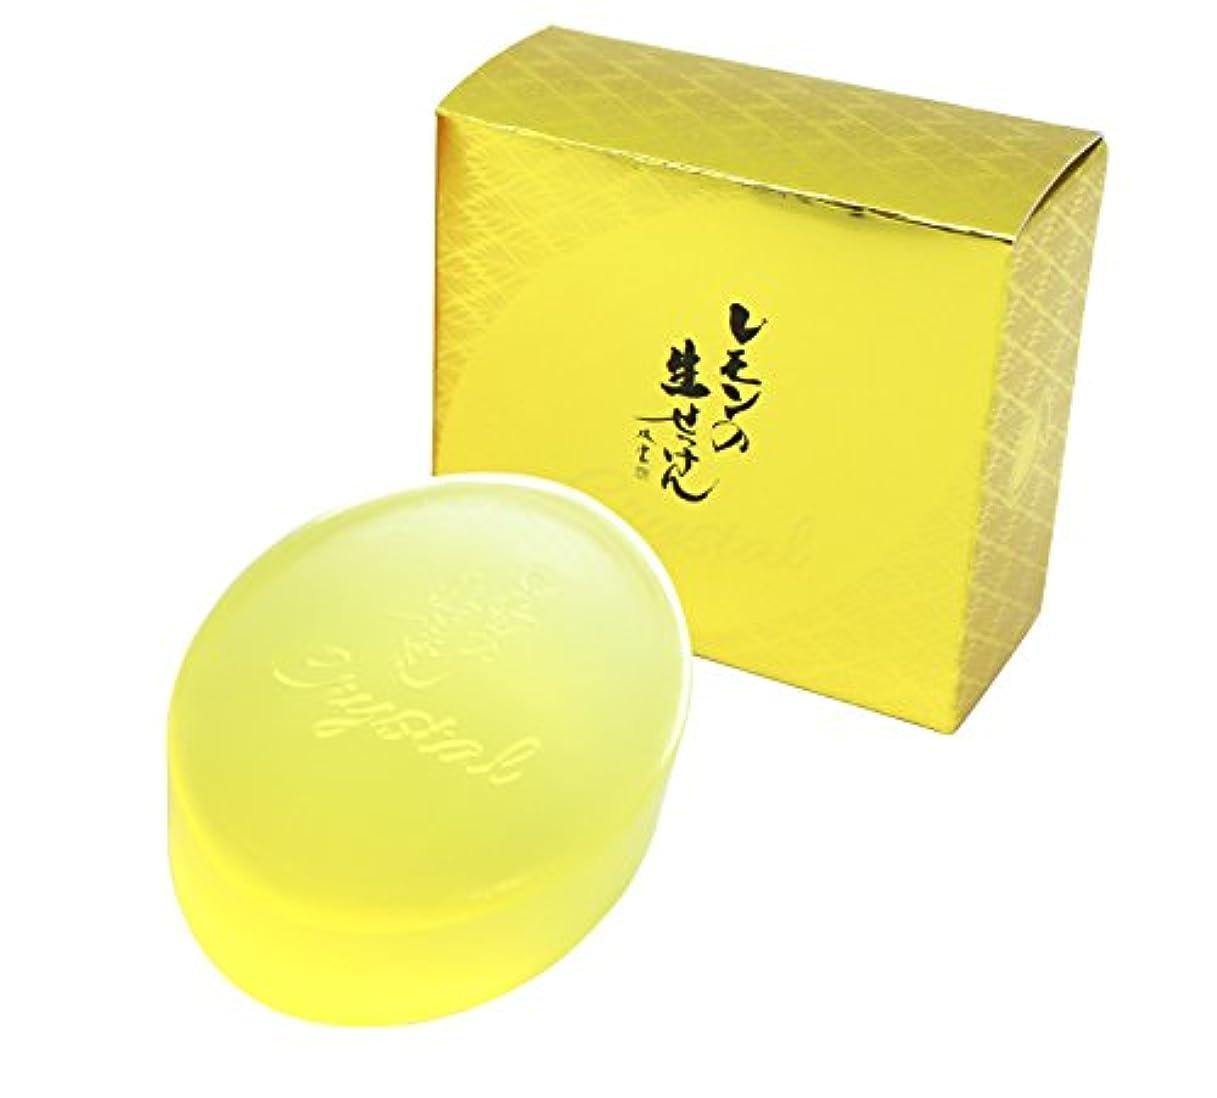 バンケット蒸発フリース美香柑 レモンの生せっけん 洗顔石けん 固形タイプ(枠練り) 90g